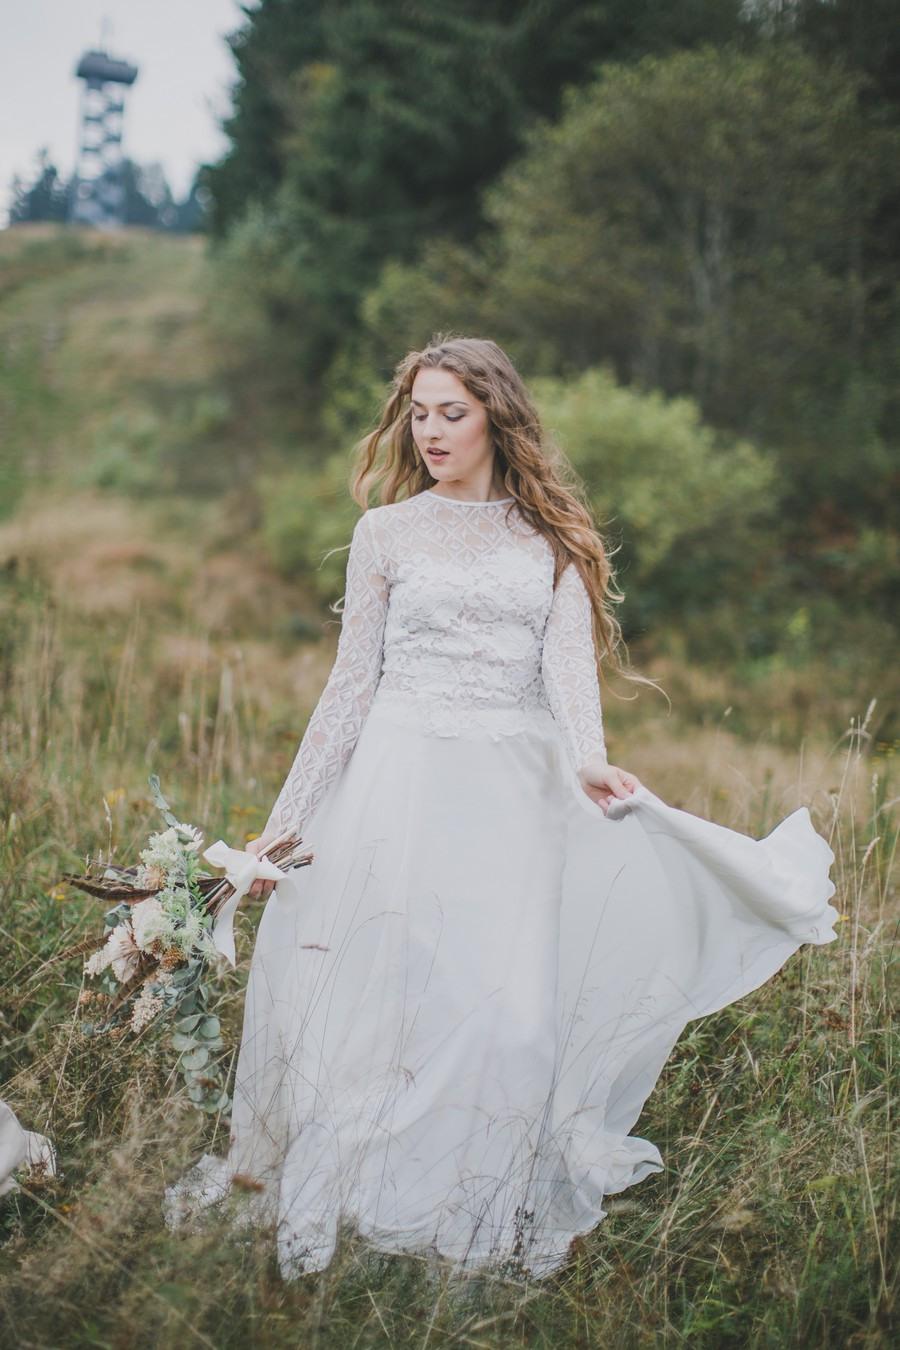 Inspirationen Für Die Hippie-Braut: 3 Stylings Und Ein Tipi-Zelt